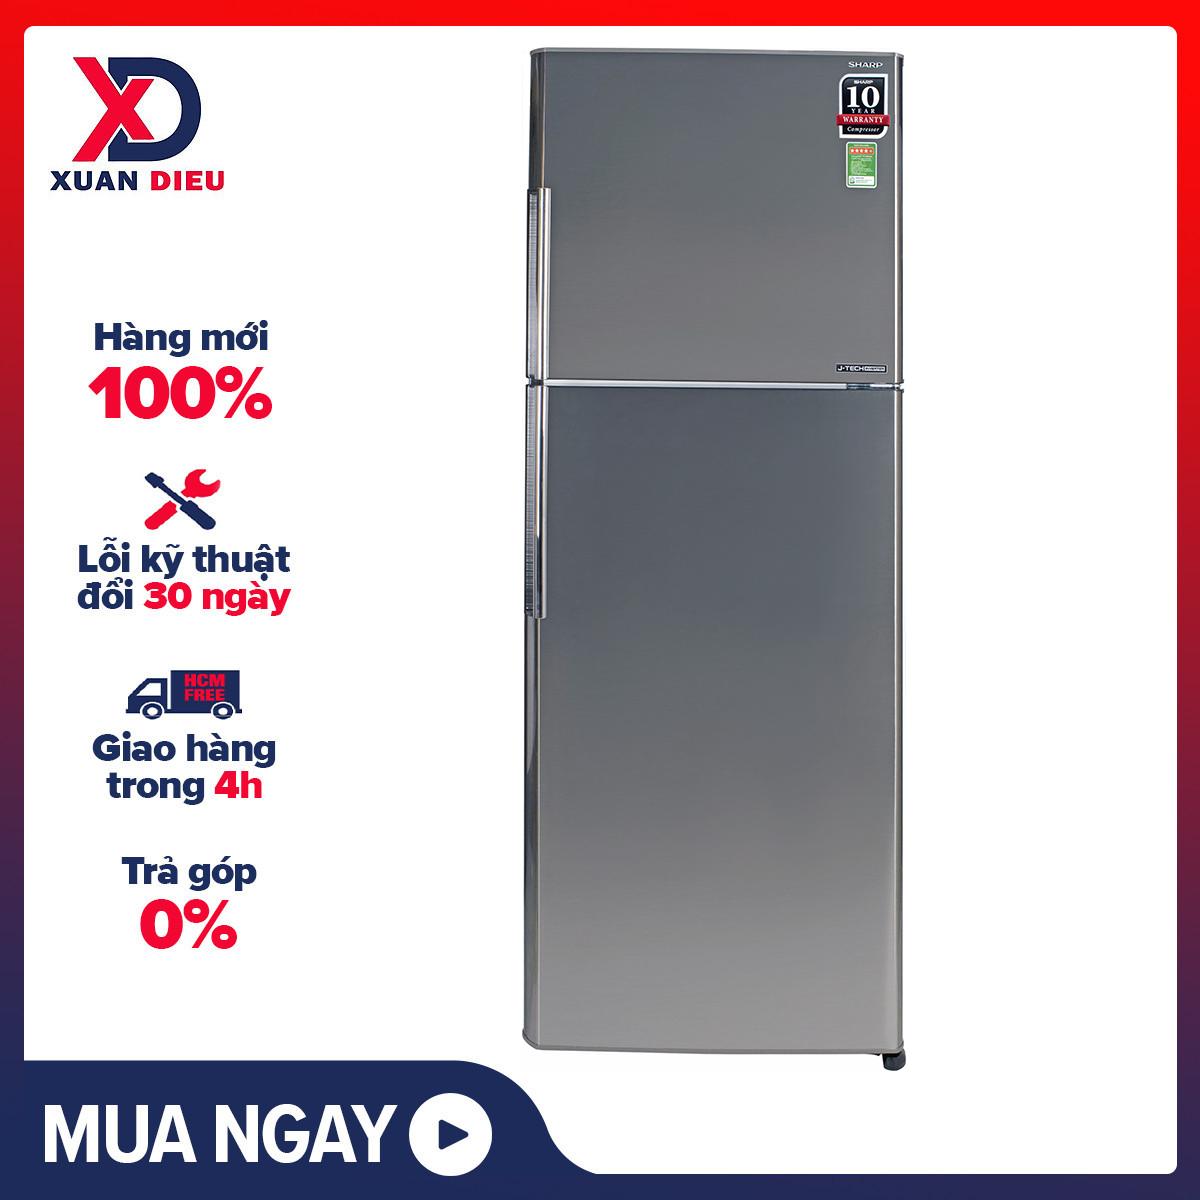 [HCM][Trả góp 0%]Tủ lạnh Sharp Inverter 315 lít SJ-X346E-SL – Công nghệ J-Tech Inverter vận hành êm ái tiết kiệm điện Chế độ Extra Eco tăng khả năng tiết kiệm điện tối đa Công nghệ khử mùi Nano Ag+Cu lọc sạch vi khuẩn gây hại